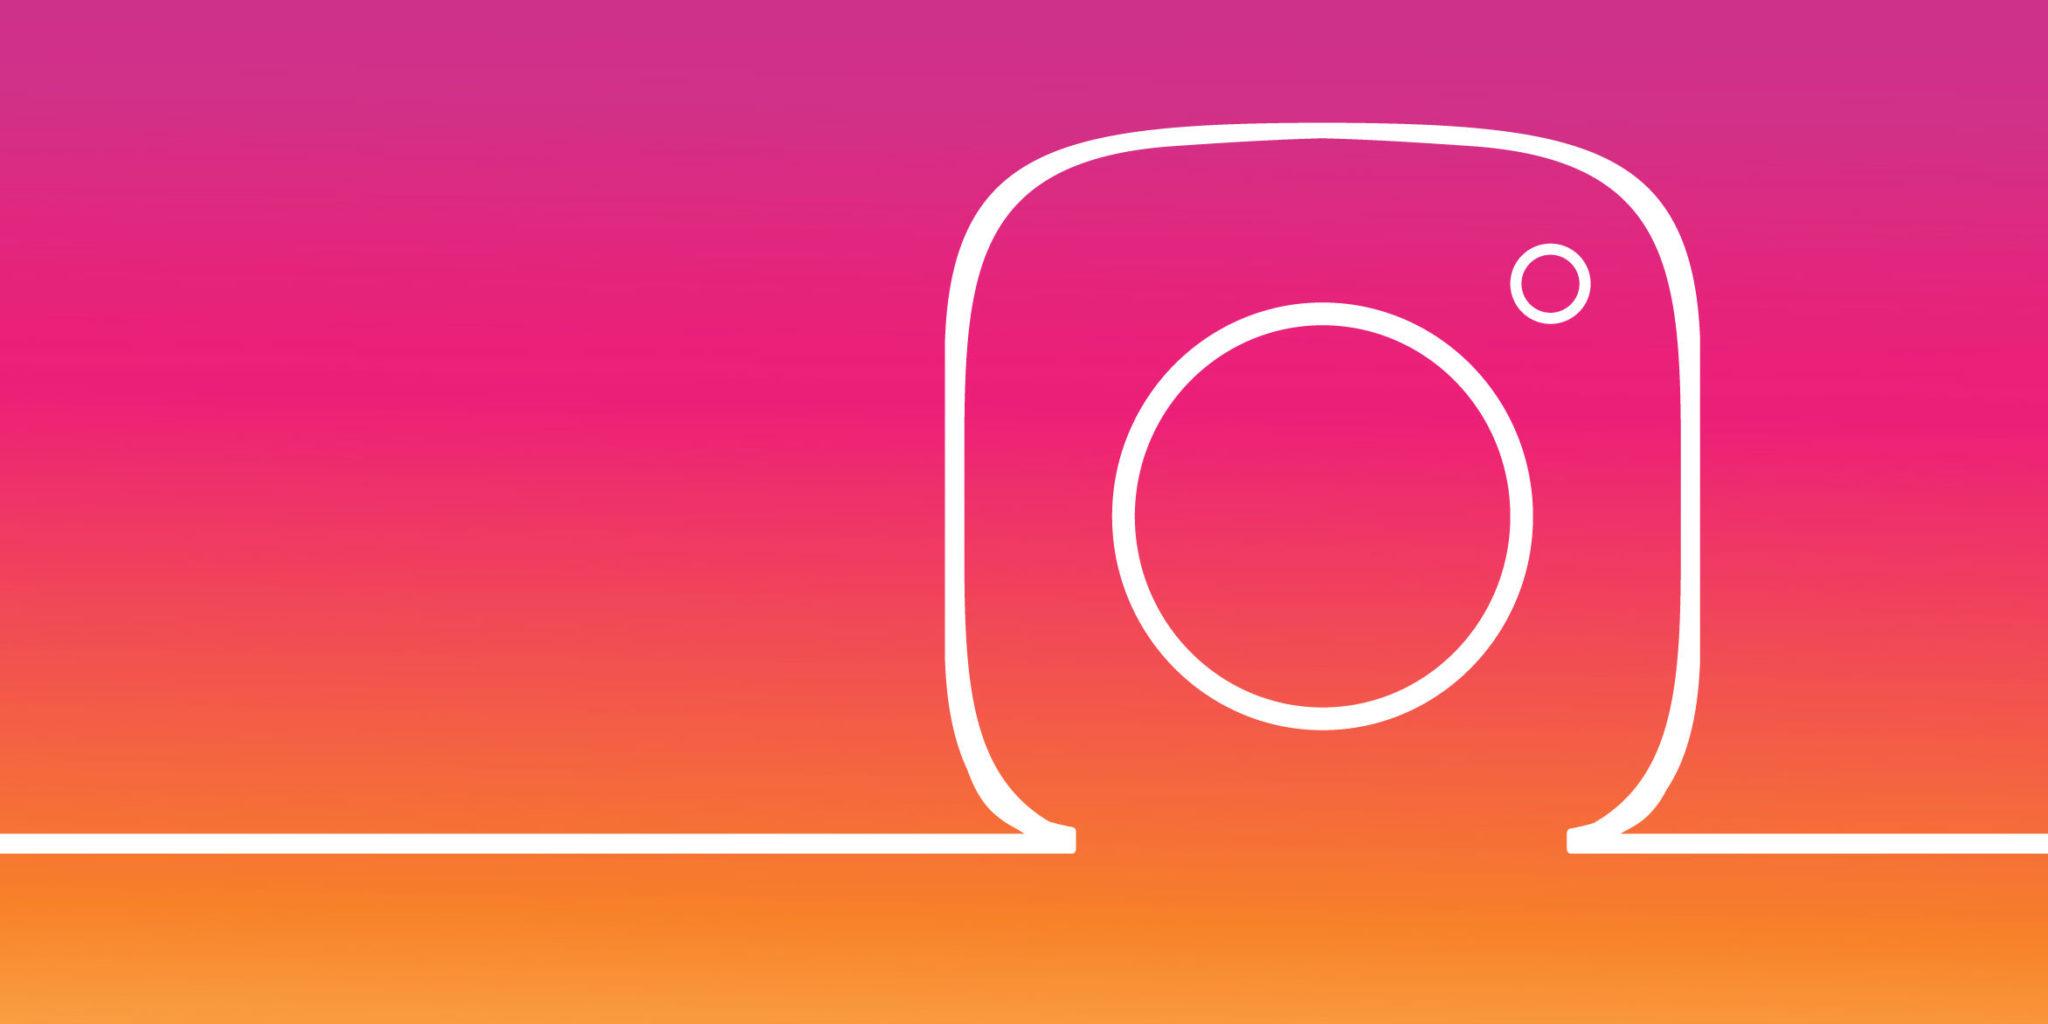 Instagram Stories s novým designem a funkcemi